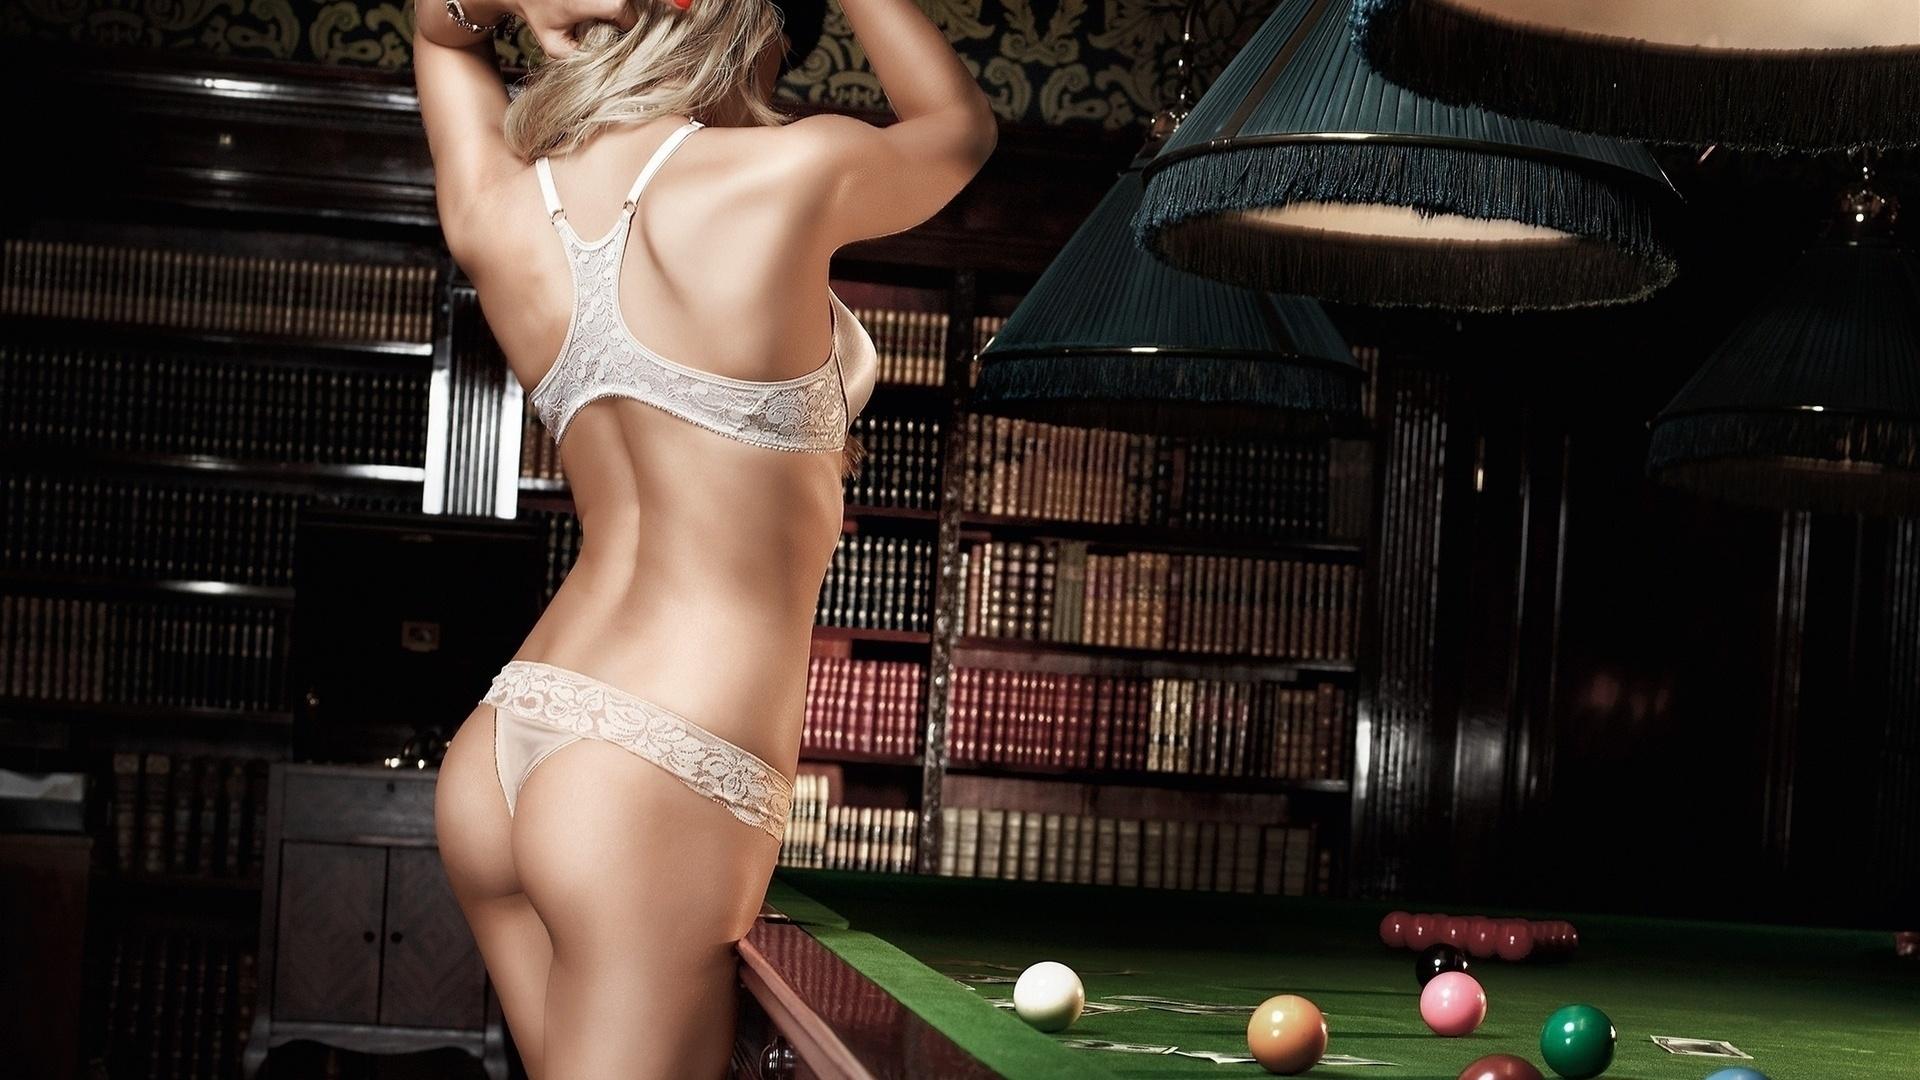 Саша грей на бильярдном столе 21 фотография